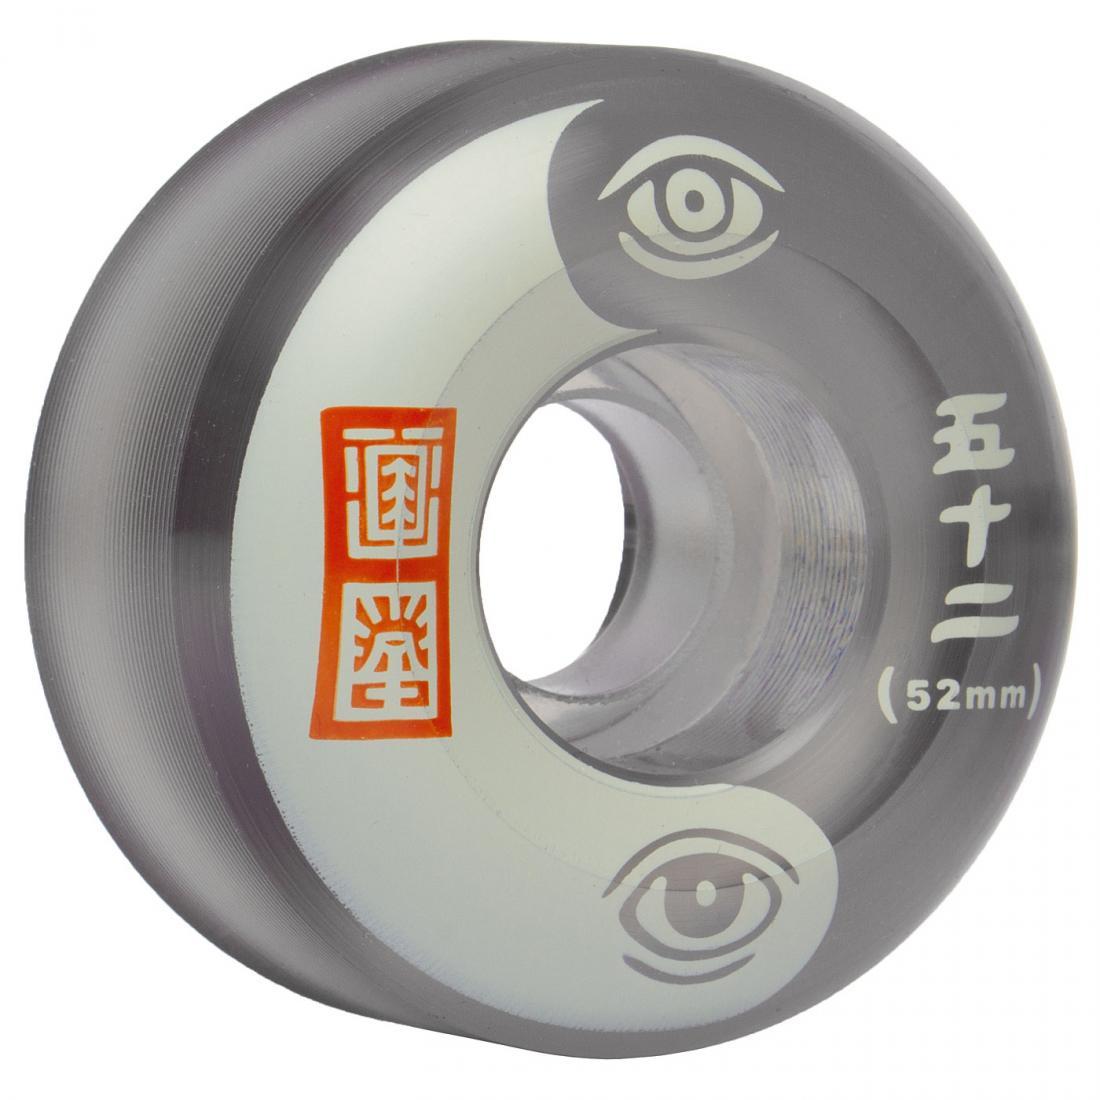 резиновые колеса для скейта